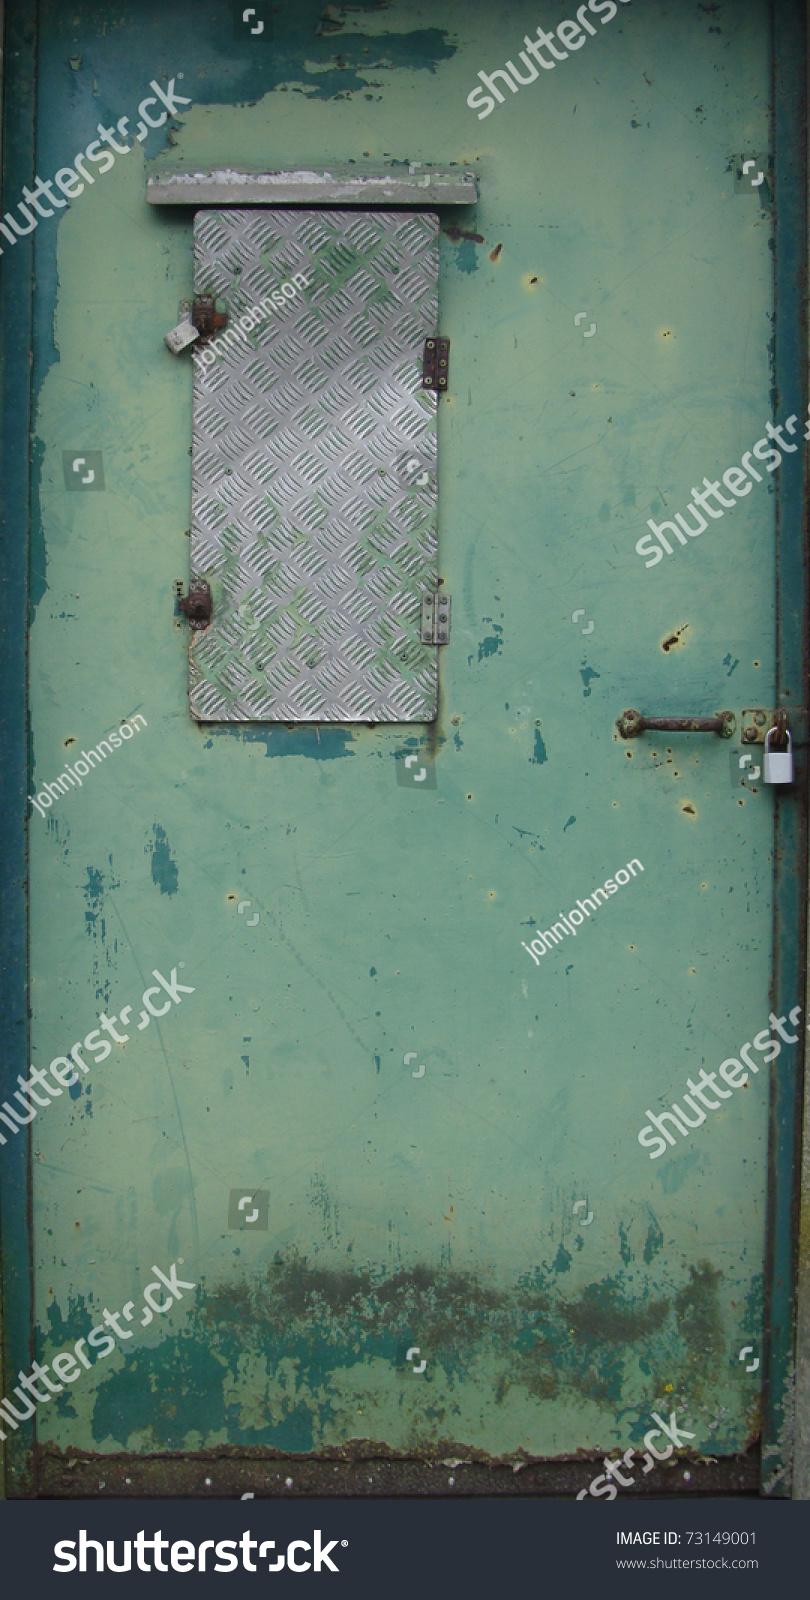 Rusty Metal Door old worn green rusty metal door stock photo 73149001 - shutterstock